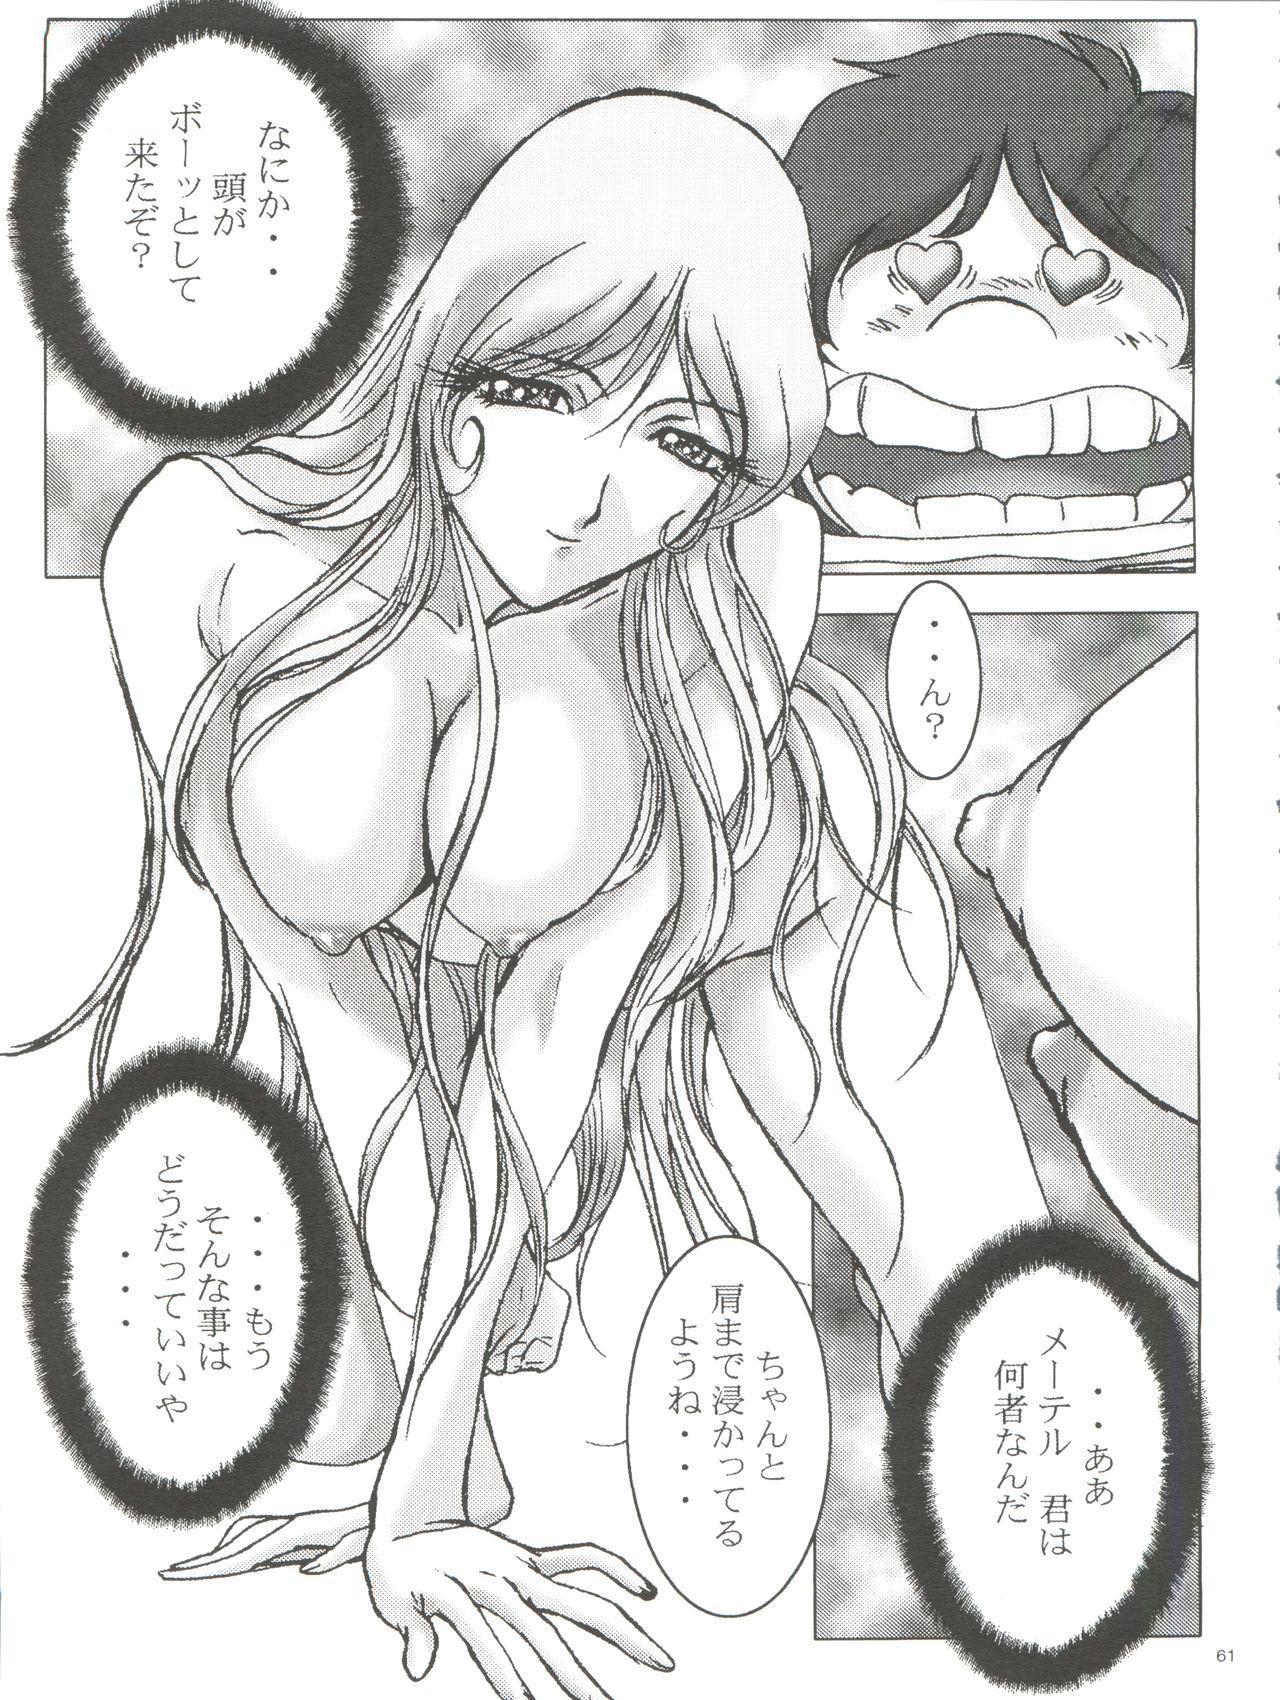 Wanpaku Anime Daihyakka Nanno Koto Jisensyuu Vol. 1 62